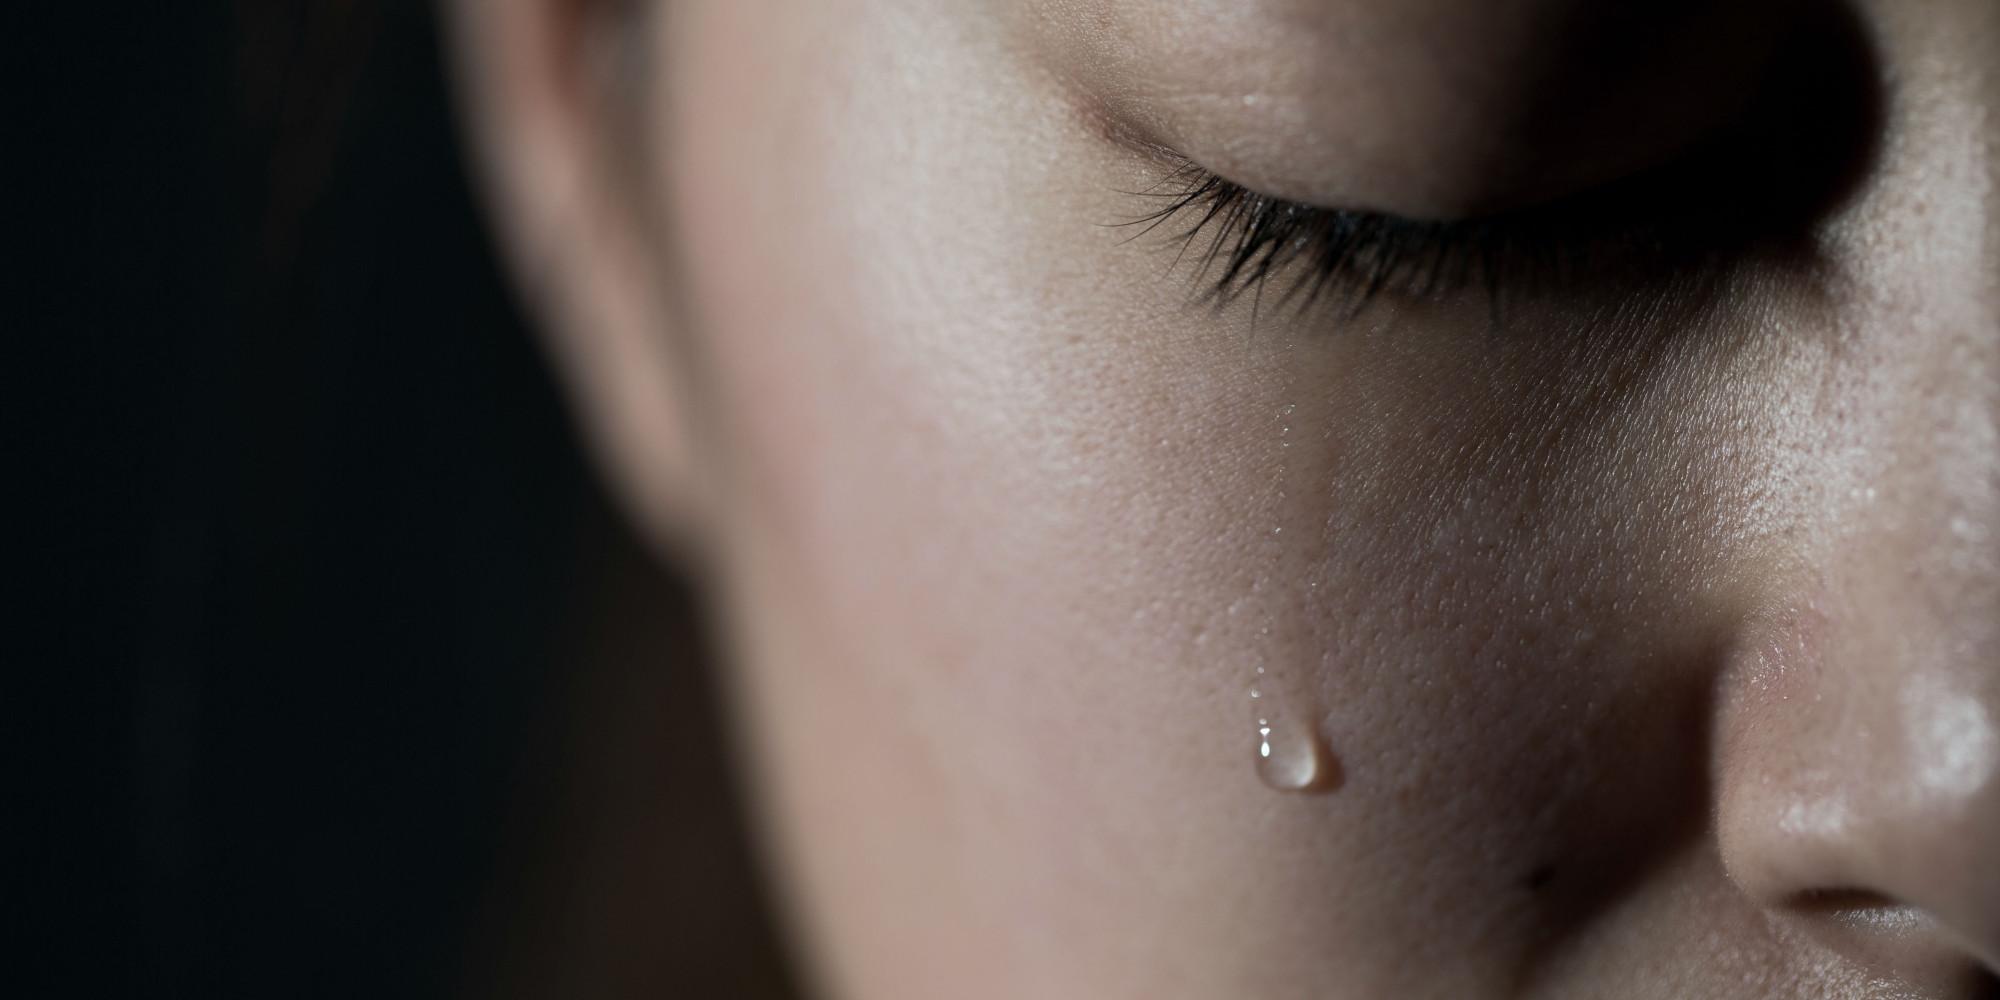 Картинка со слезами на щеке